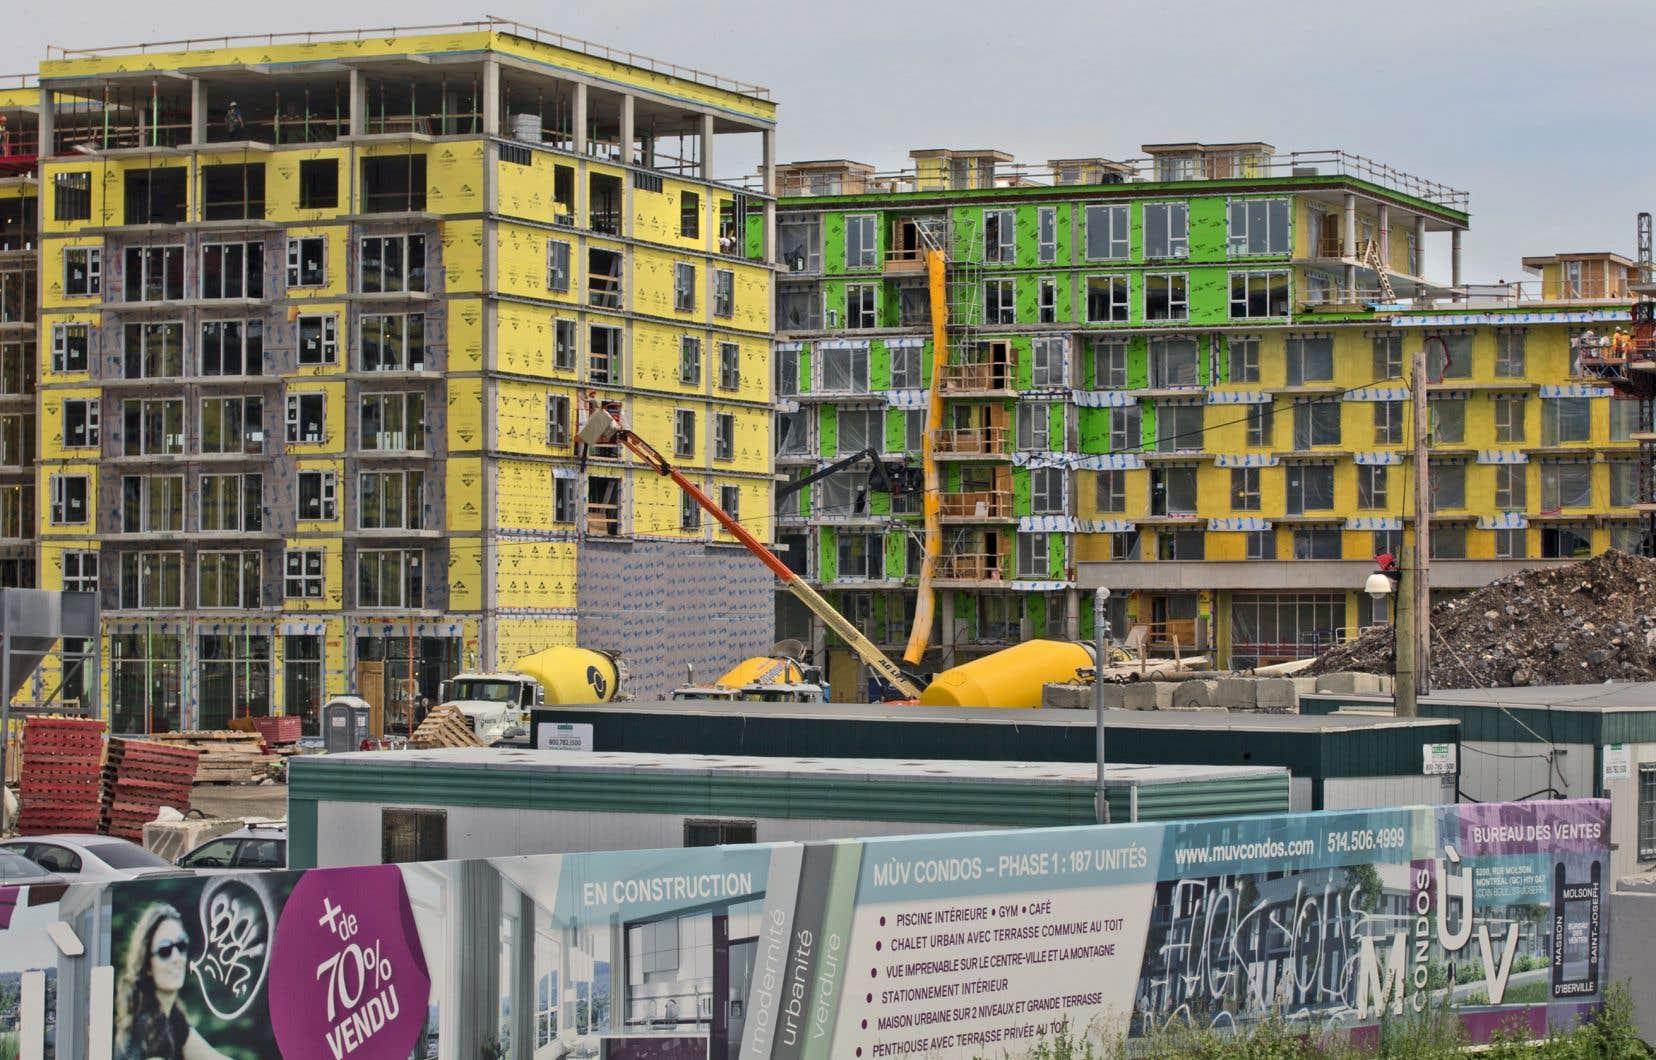 «La ville devrait non seulement contraindre les promoteurs à construire des logements en phase avec les besoins de la population, mais aussi devenir un acteur de premier plan dans la planification du développement immobilier», soutient l'auteur.